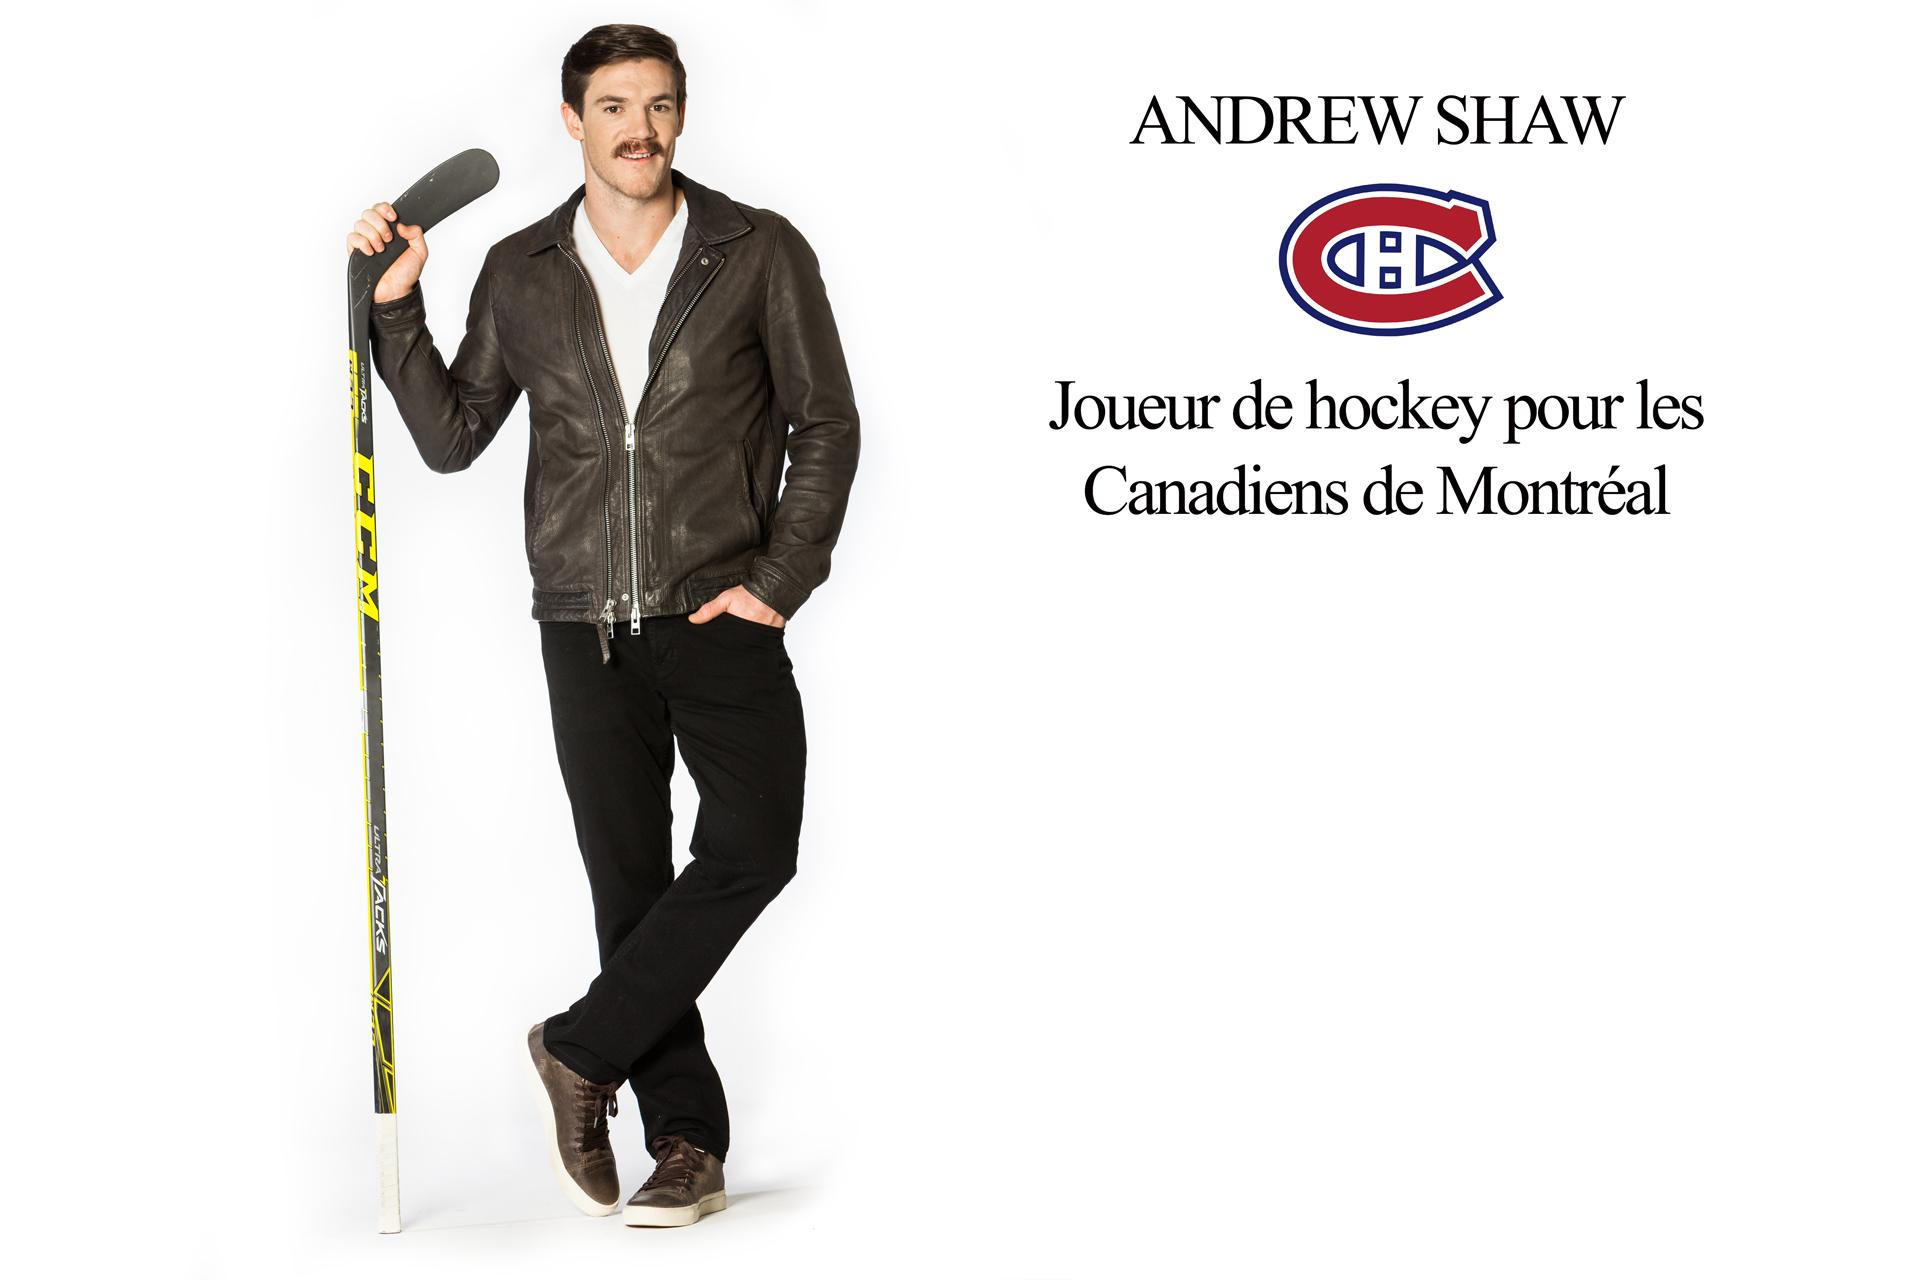 Andrew Shaw du Canadien de Montréal